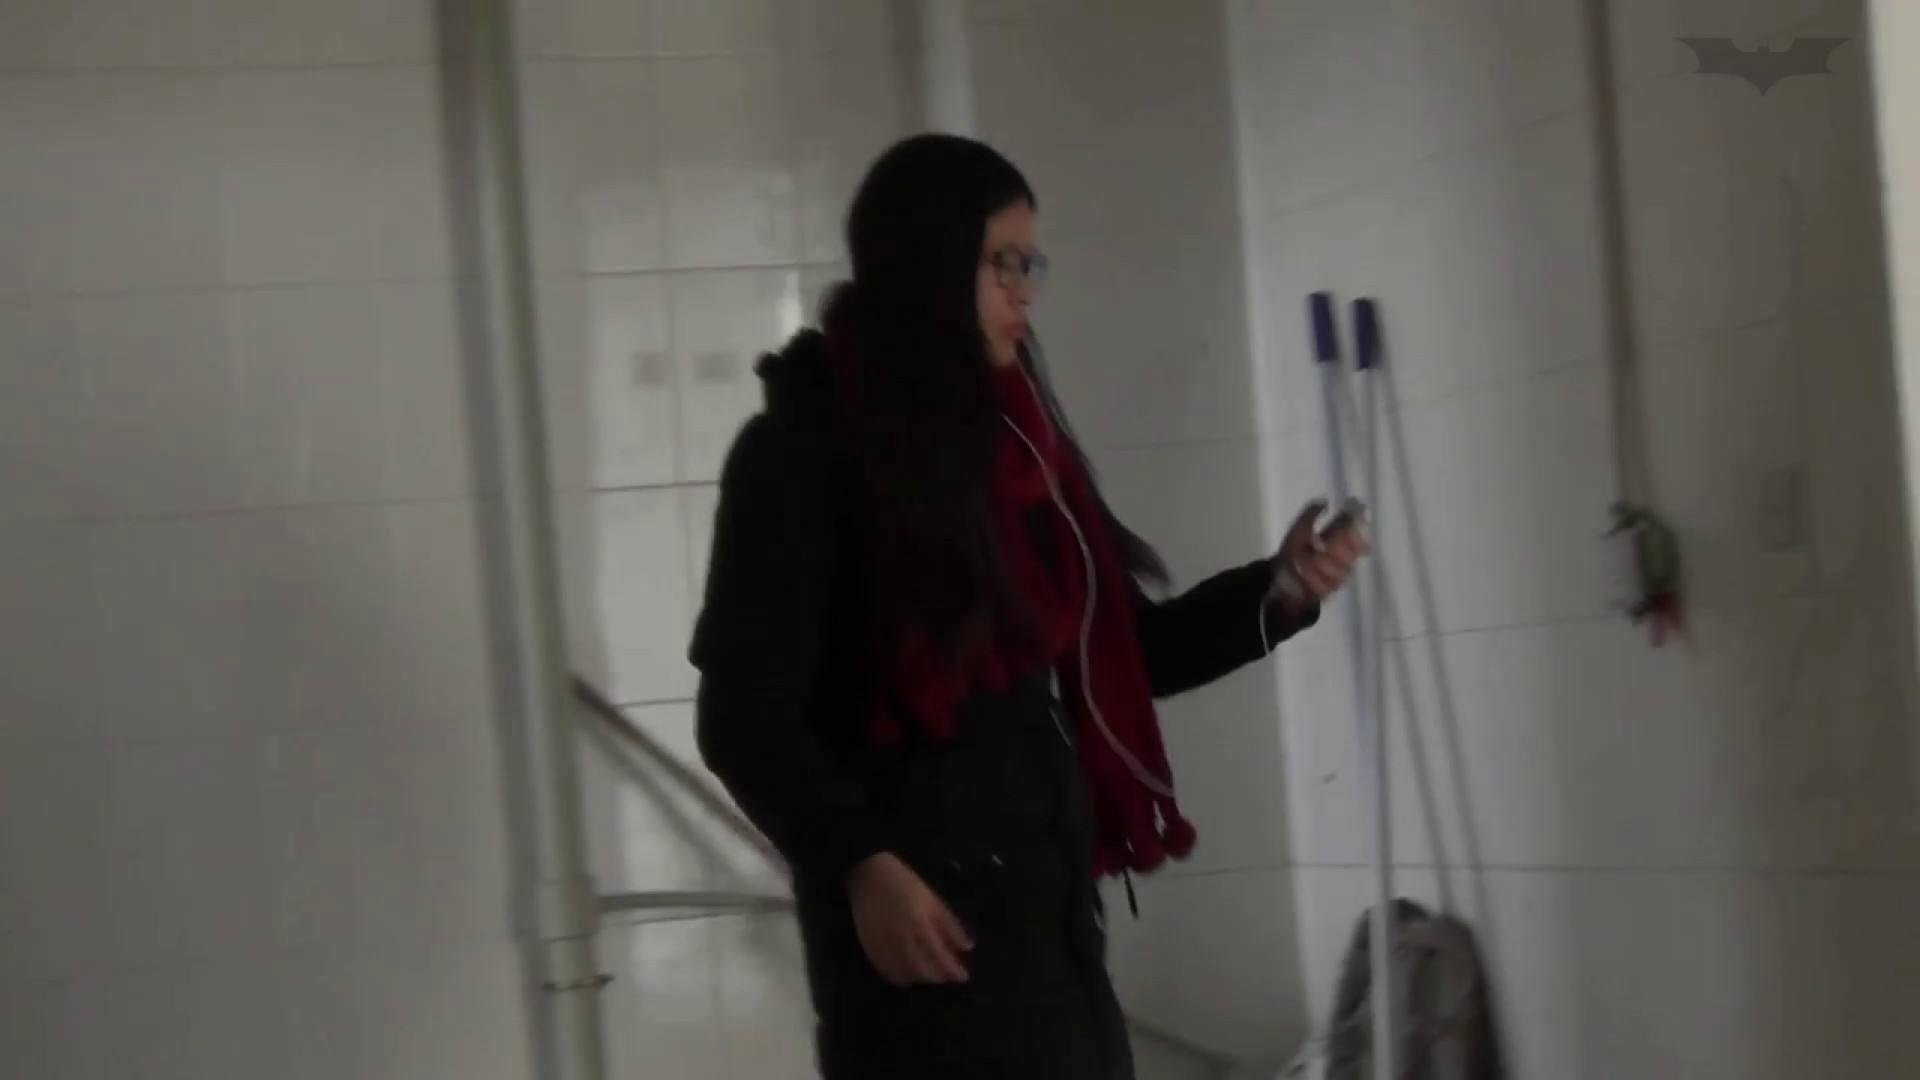 JD盗撮 美女の洗面所の秘密 Vol.45 トイレ中 | 盗撮エロすぎ  80連発 2